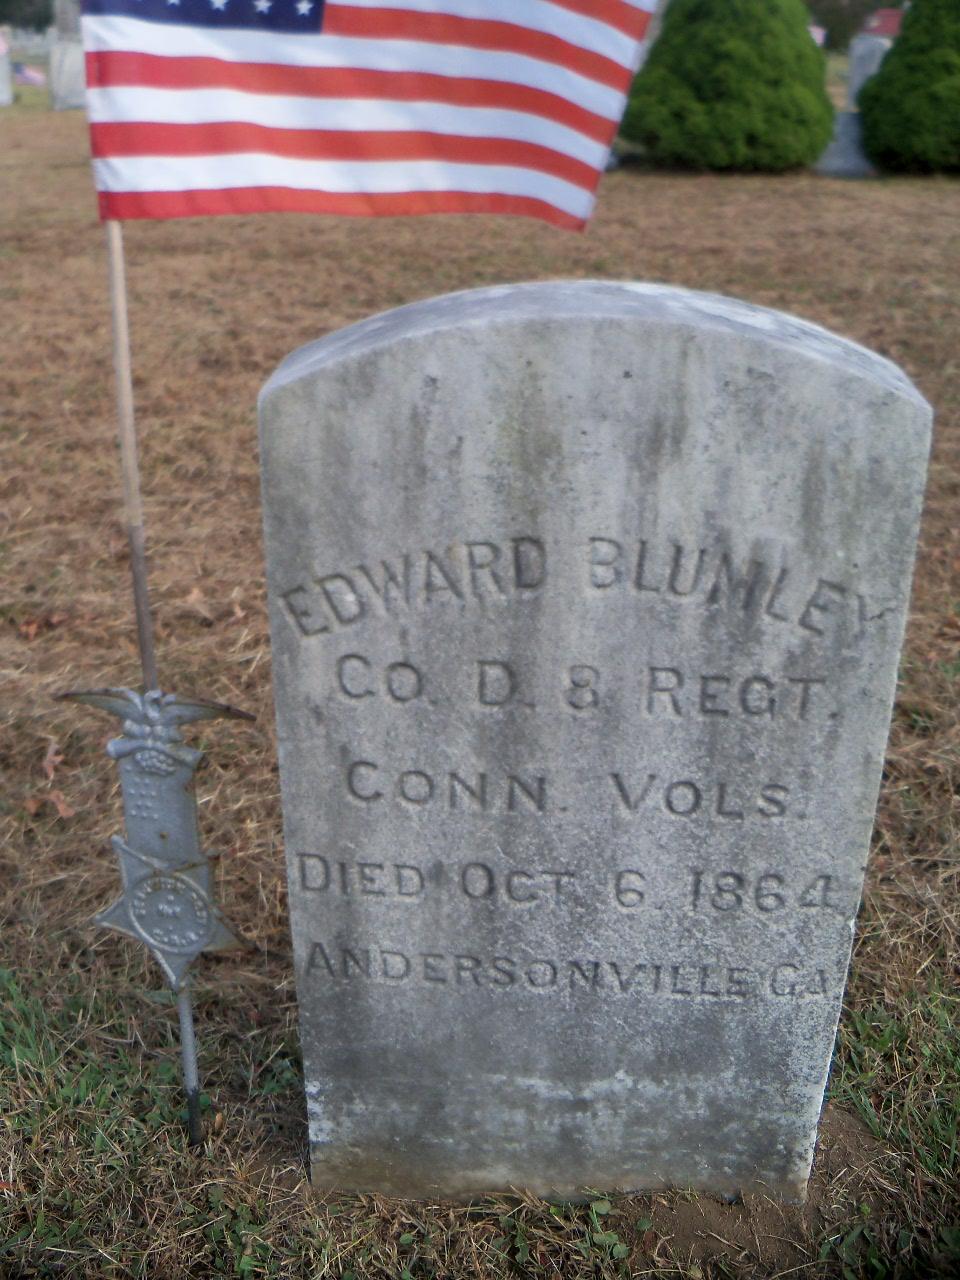 Pvt Edward Blumley